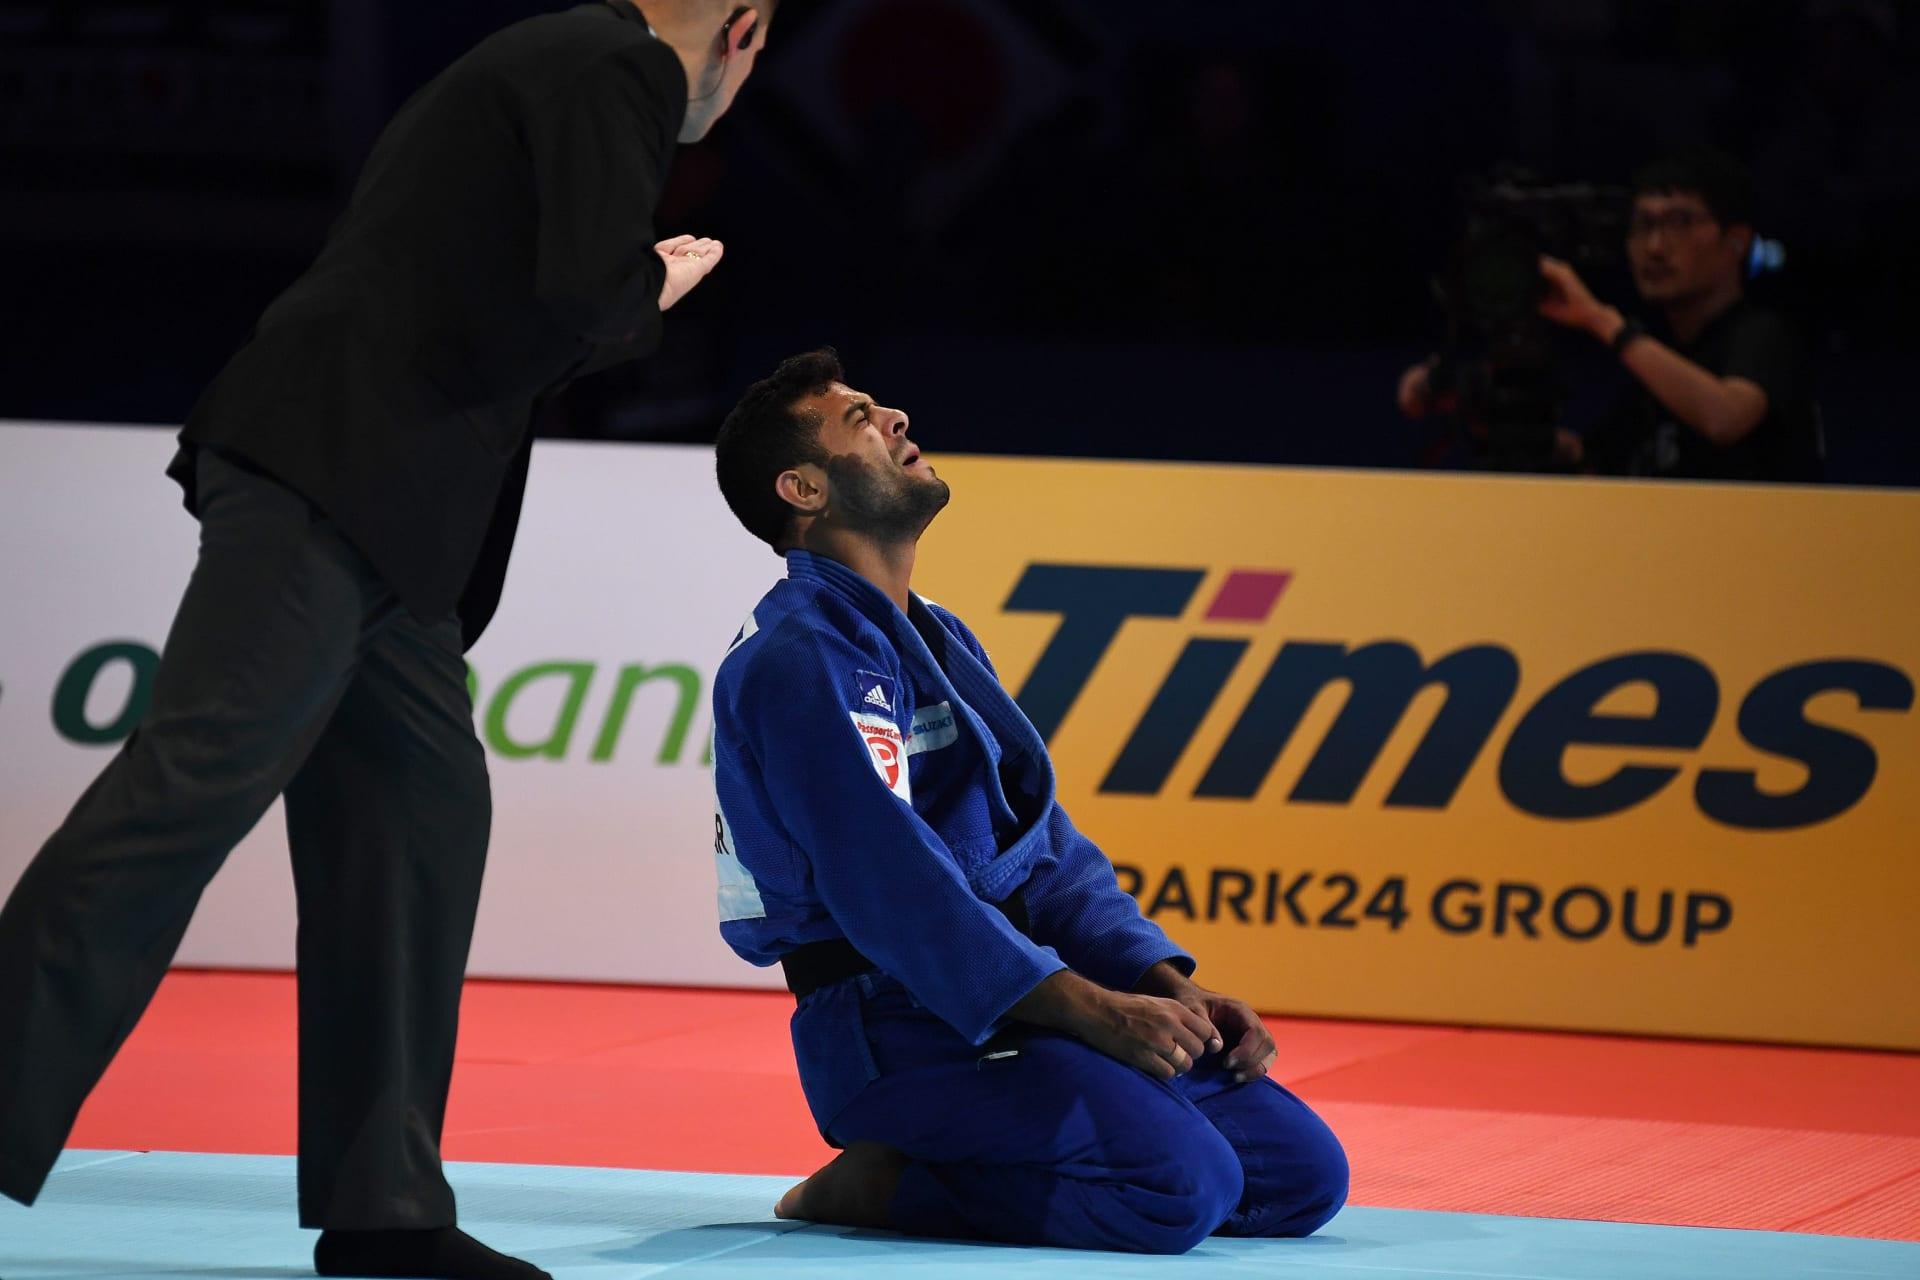 الخارجية الإسرائيلية: لاعب جودو مصري يرفض مصافحة لاعبنا في بطولة العالم